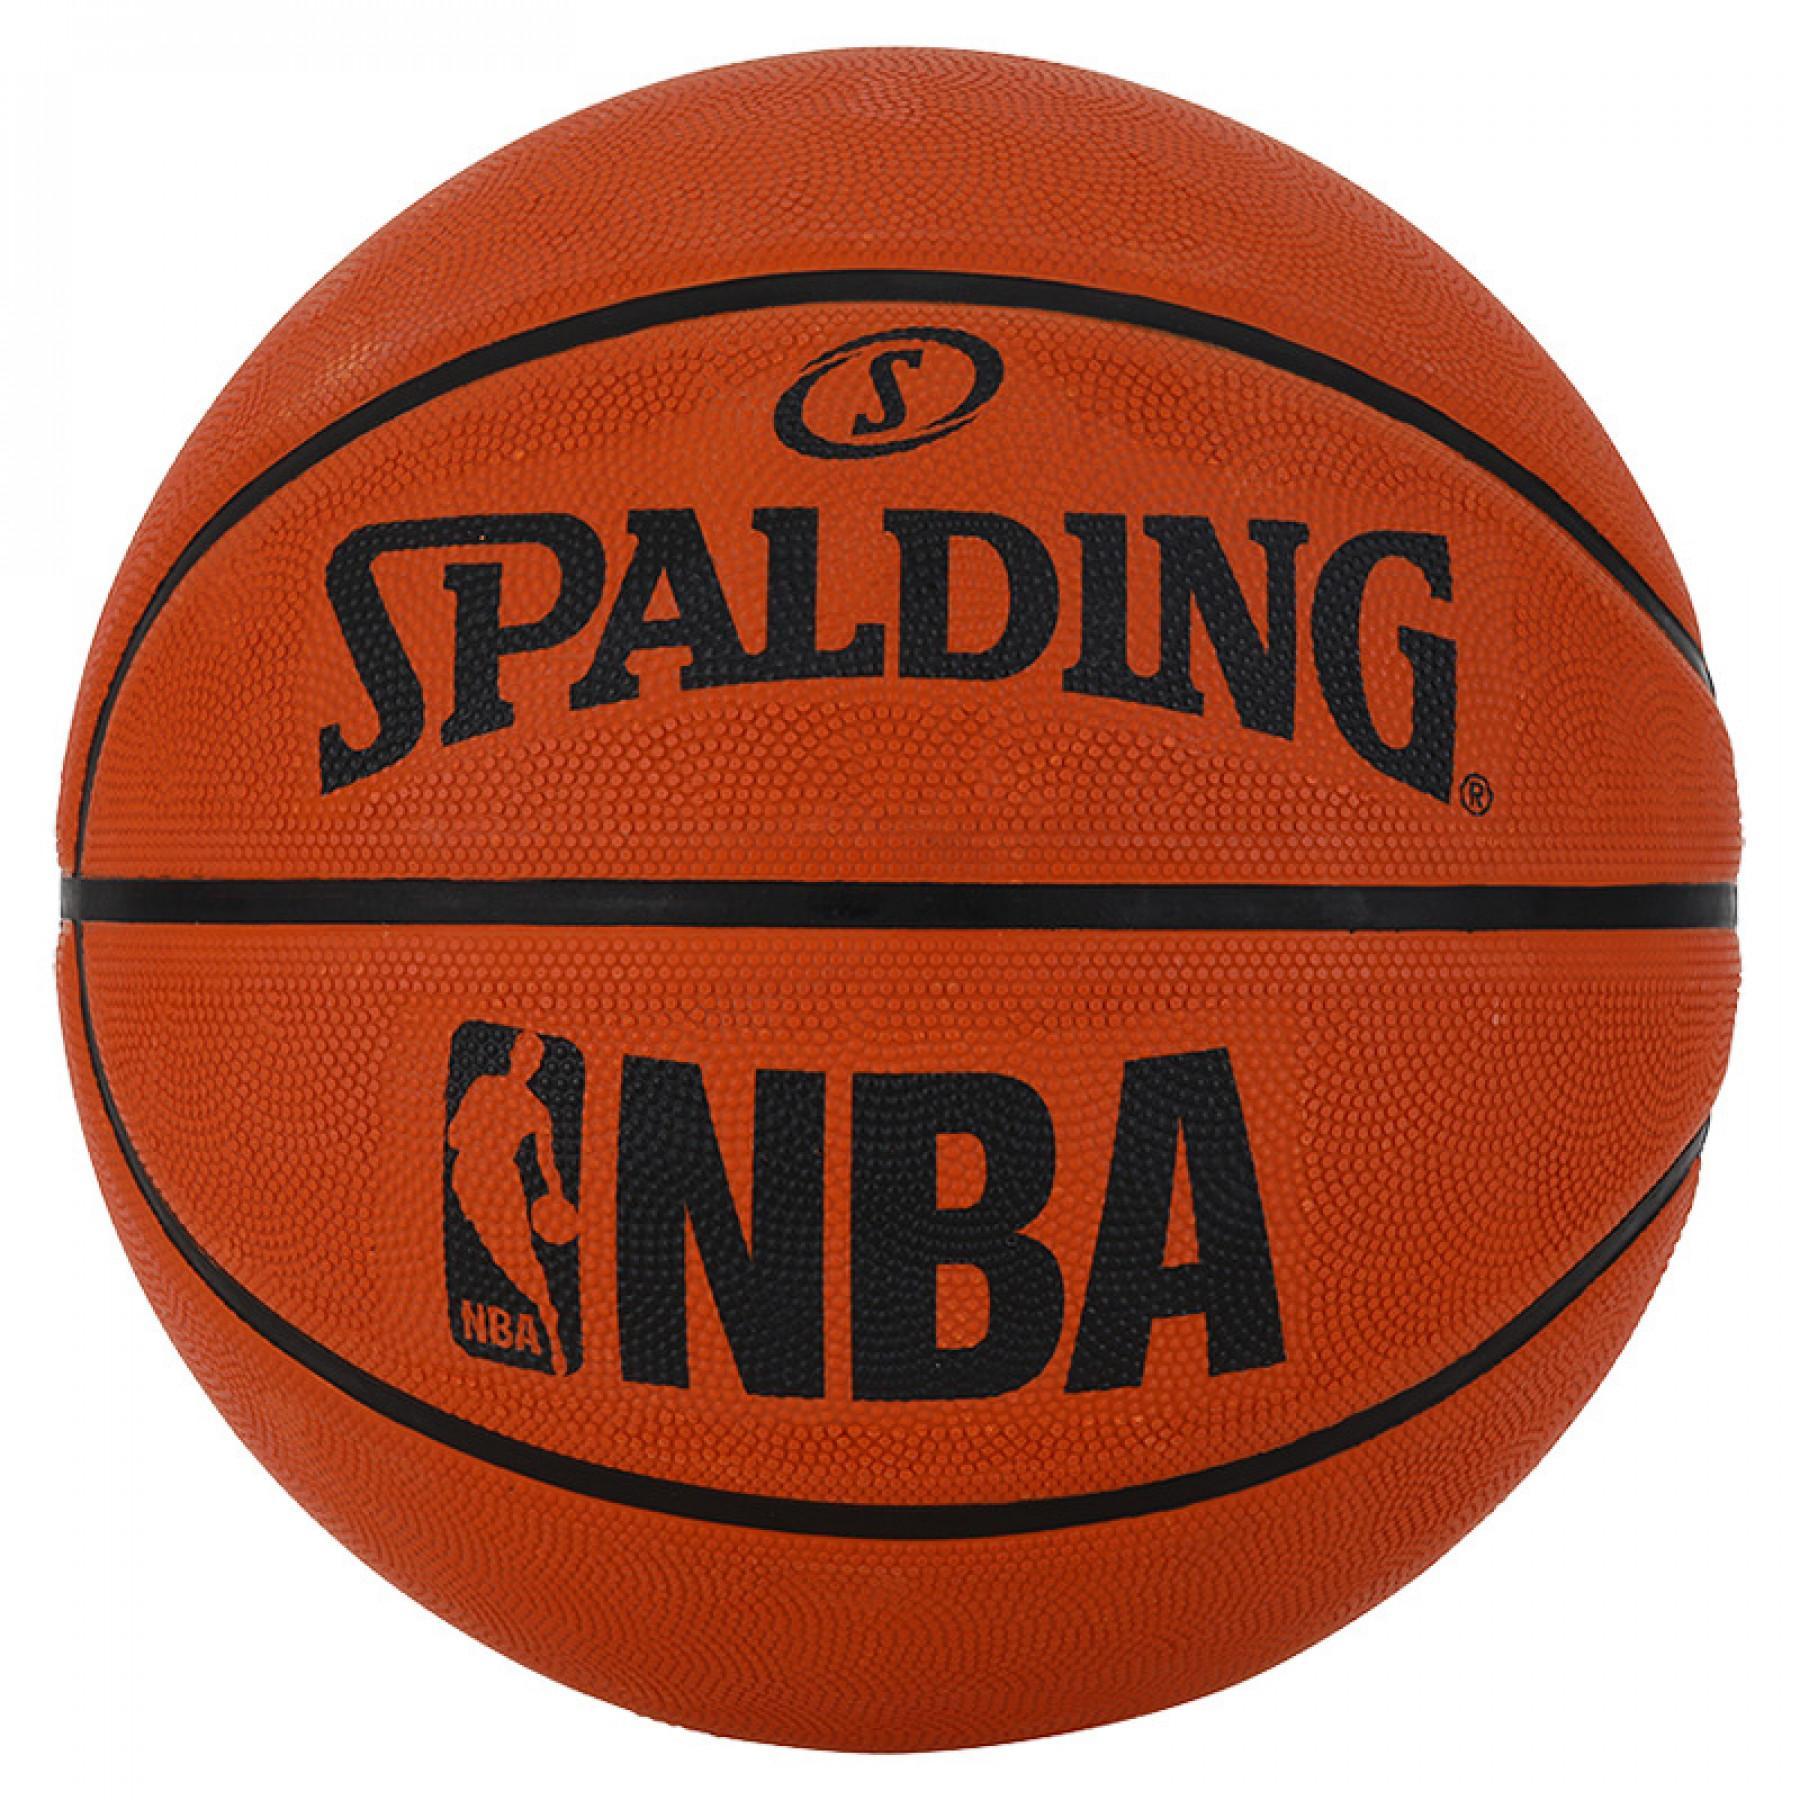 NBA Spalding Ball (71-047z)